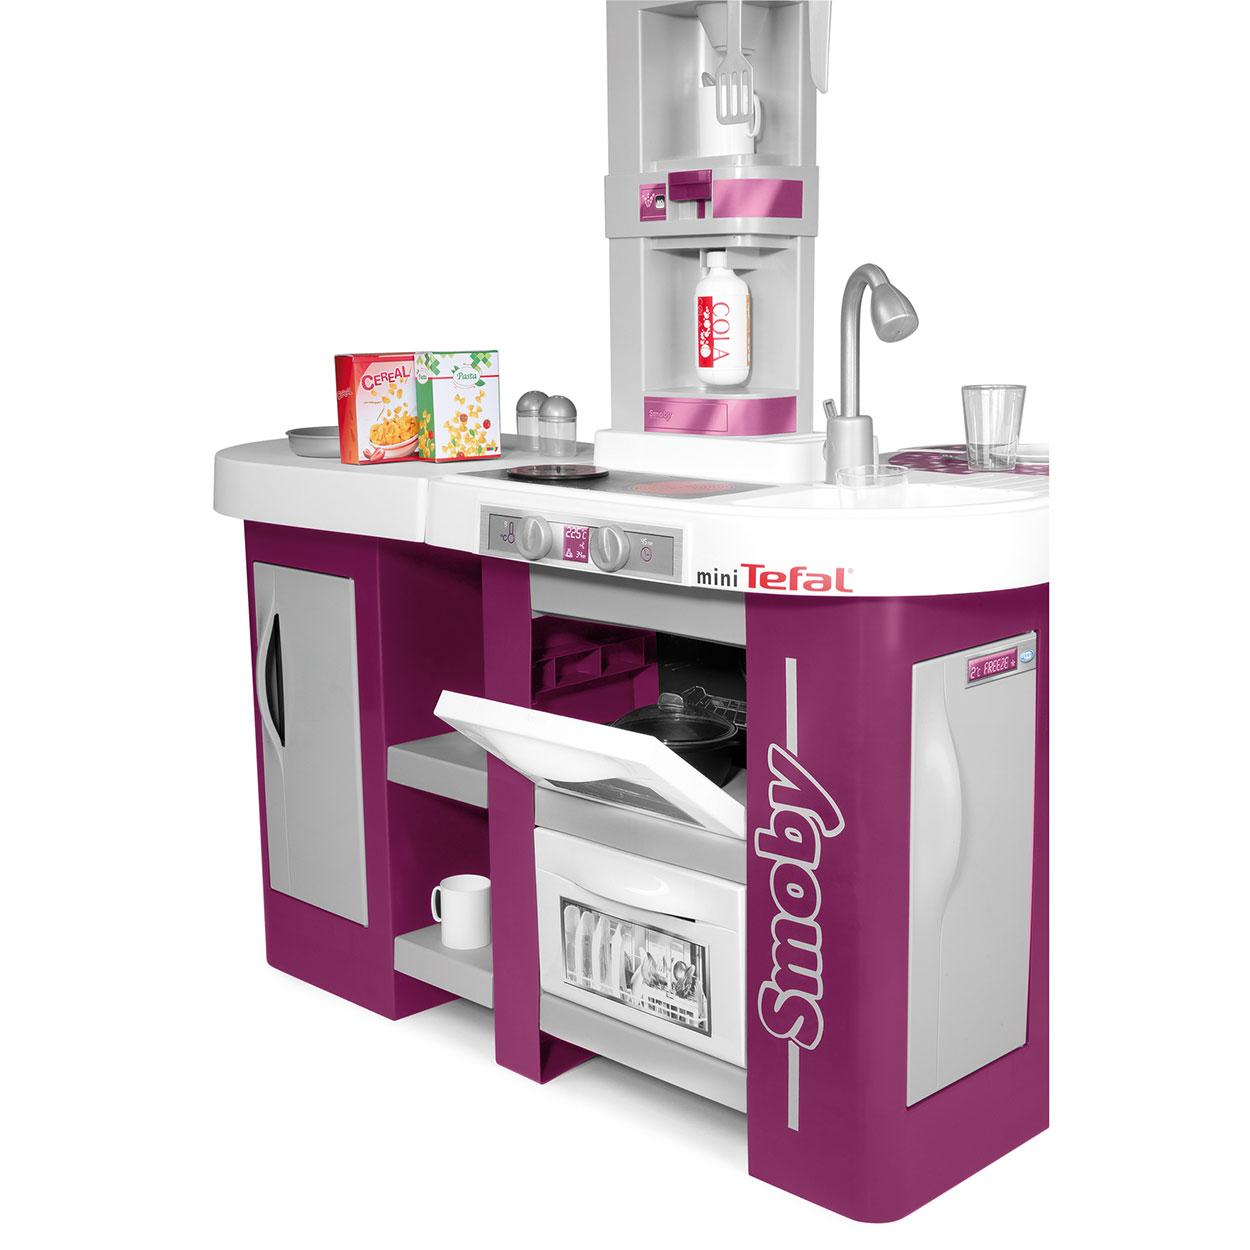 Mini keuken kopen - Mini keuken voor studio ...